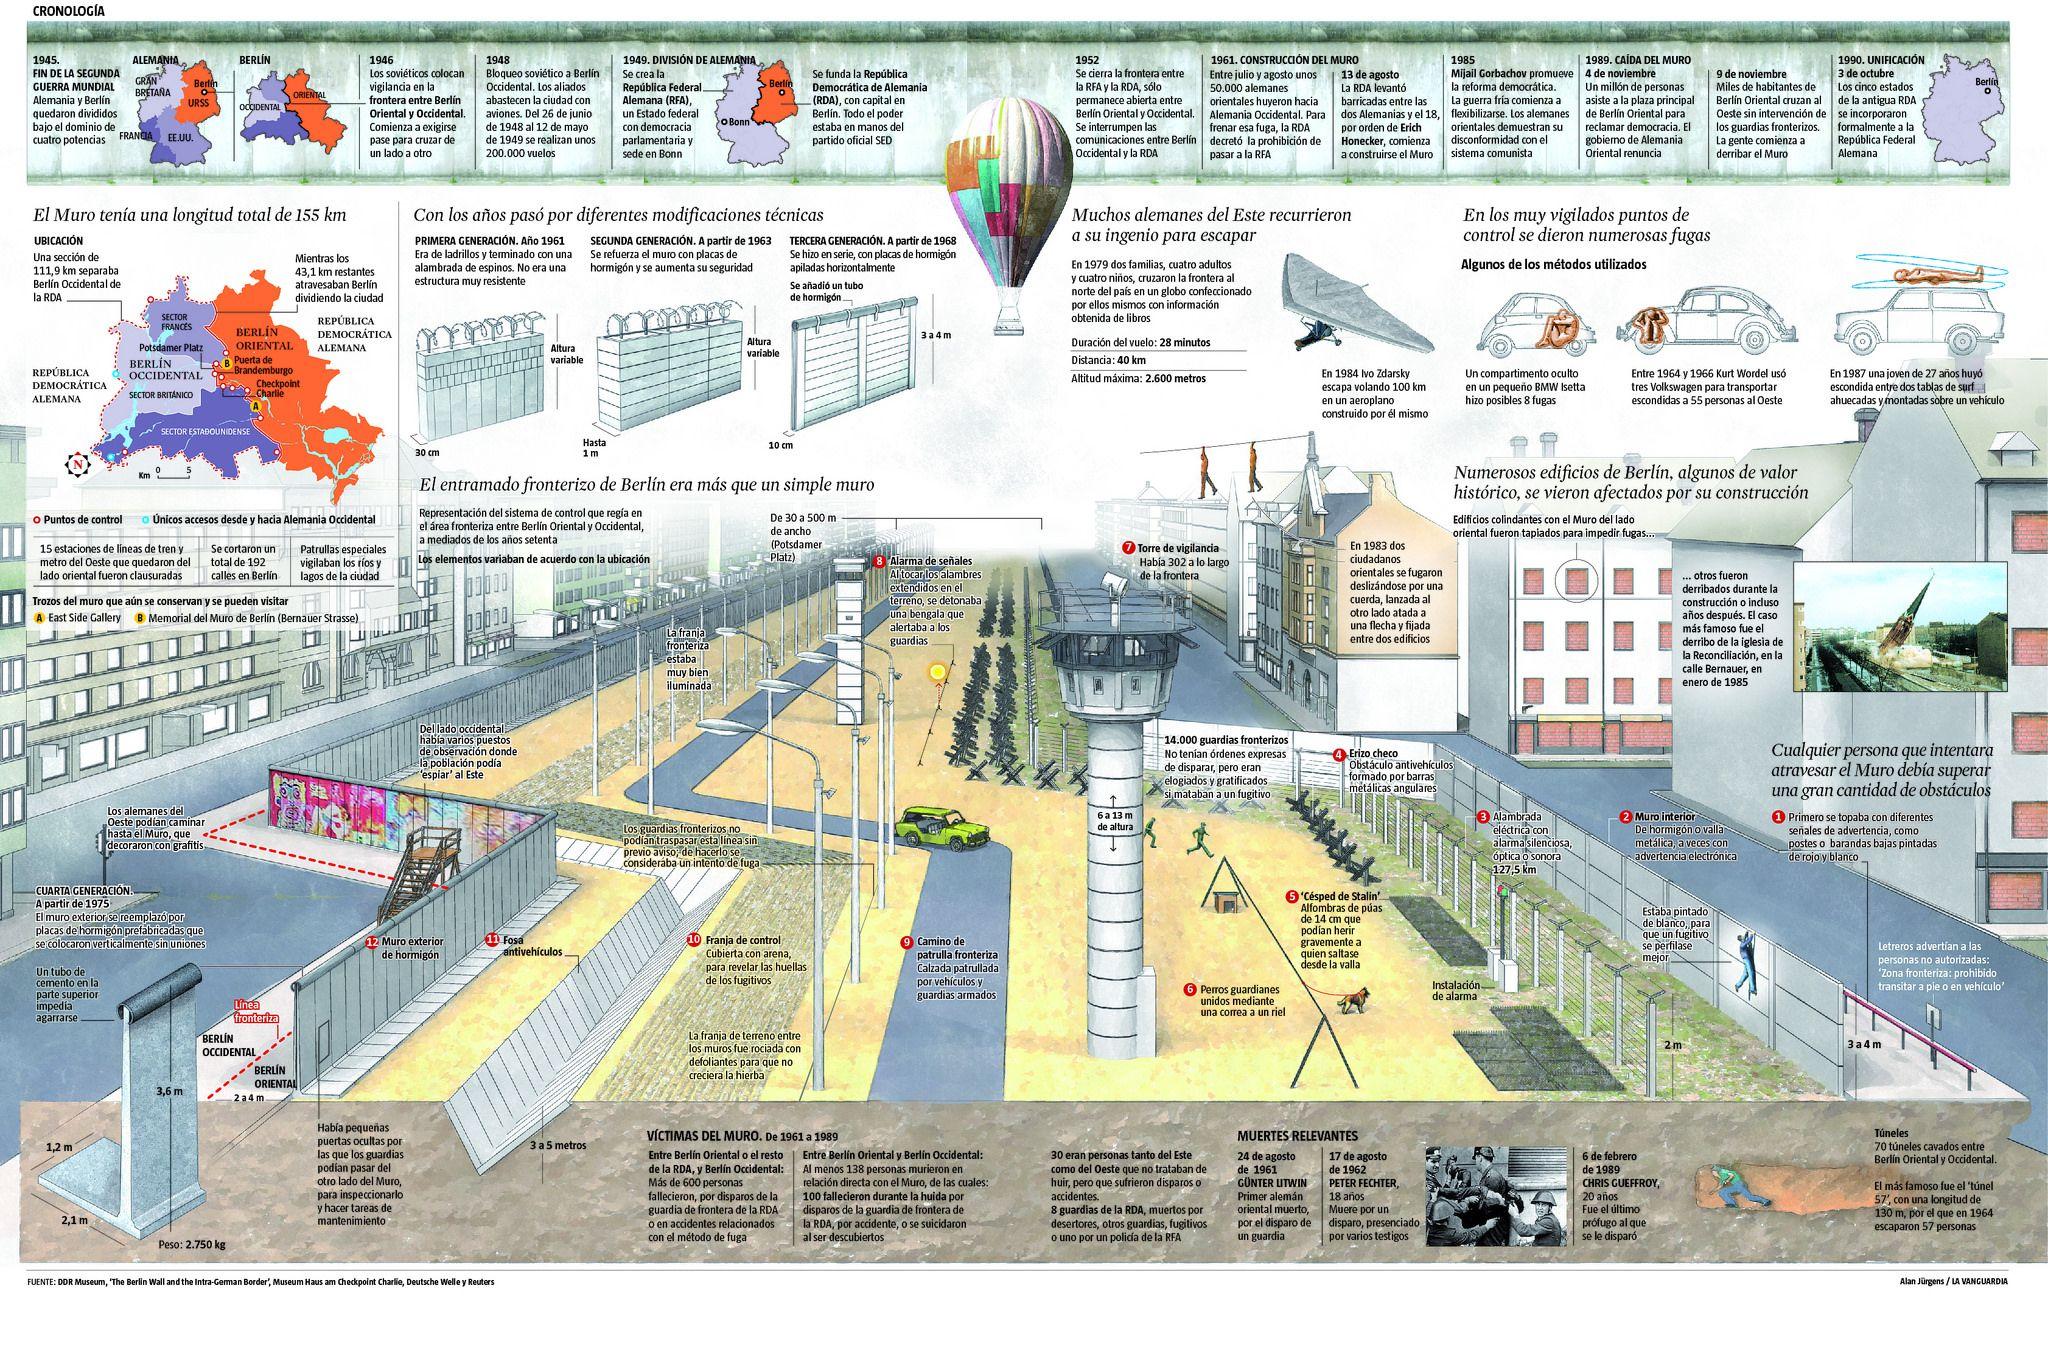 25 Aniversario De La Caída Del Muro De Berlin Muro De Berlín Caida Del Muro De Berlin Actividades De Historia